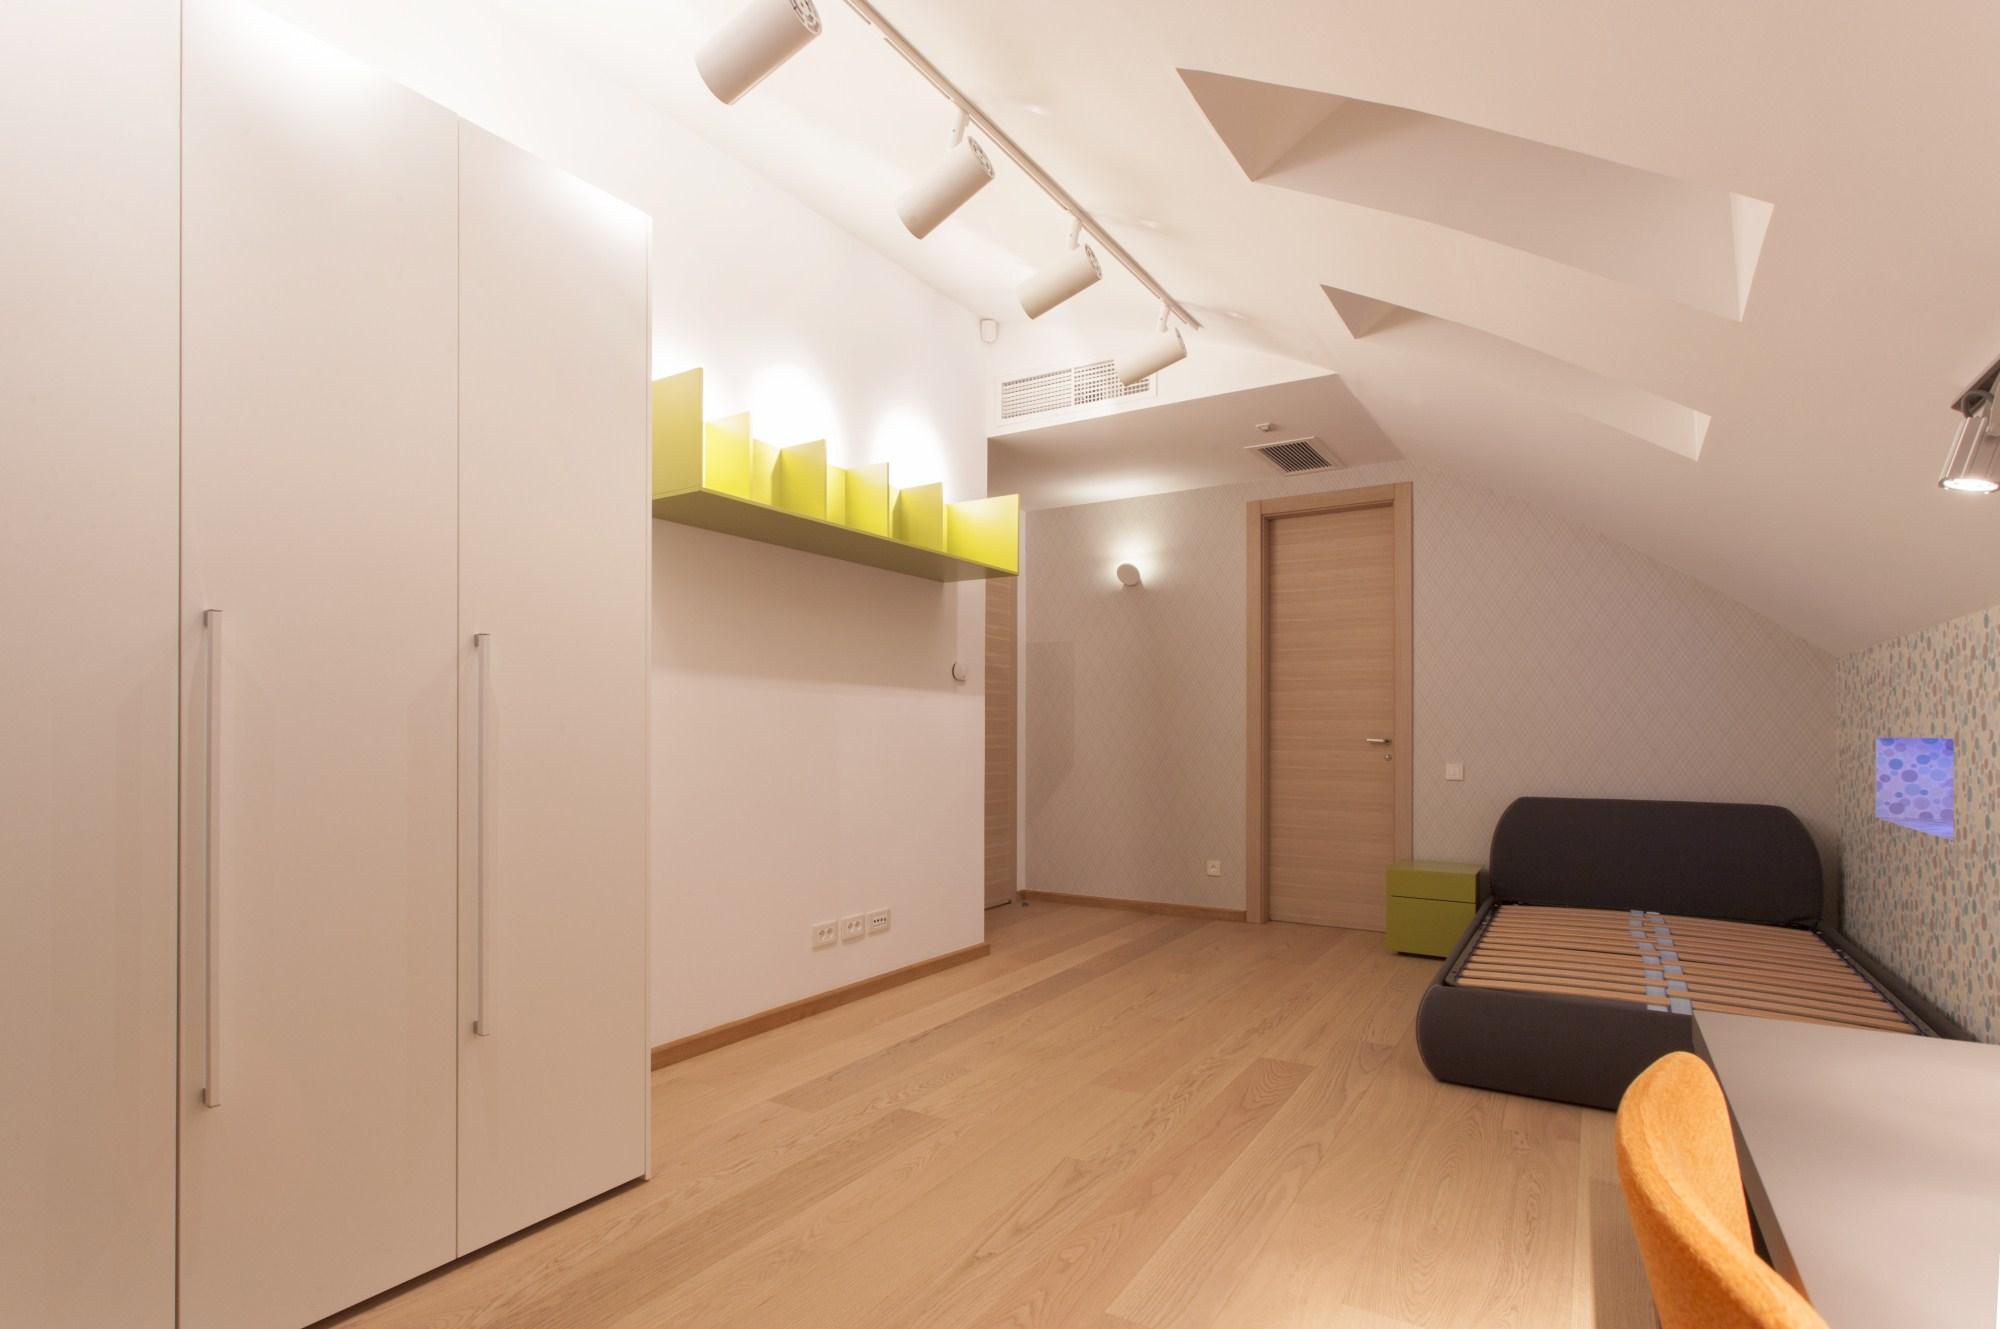 https://nbc-arhitect.ro/wp-content/uploads/2020/10/NBC-Arhitect-_-Petofi-Sandor-_-Housing-_-interior-design_7.jpg